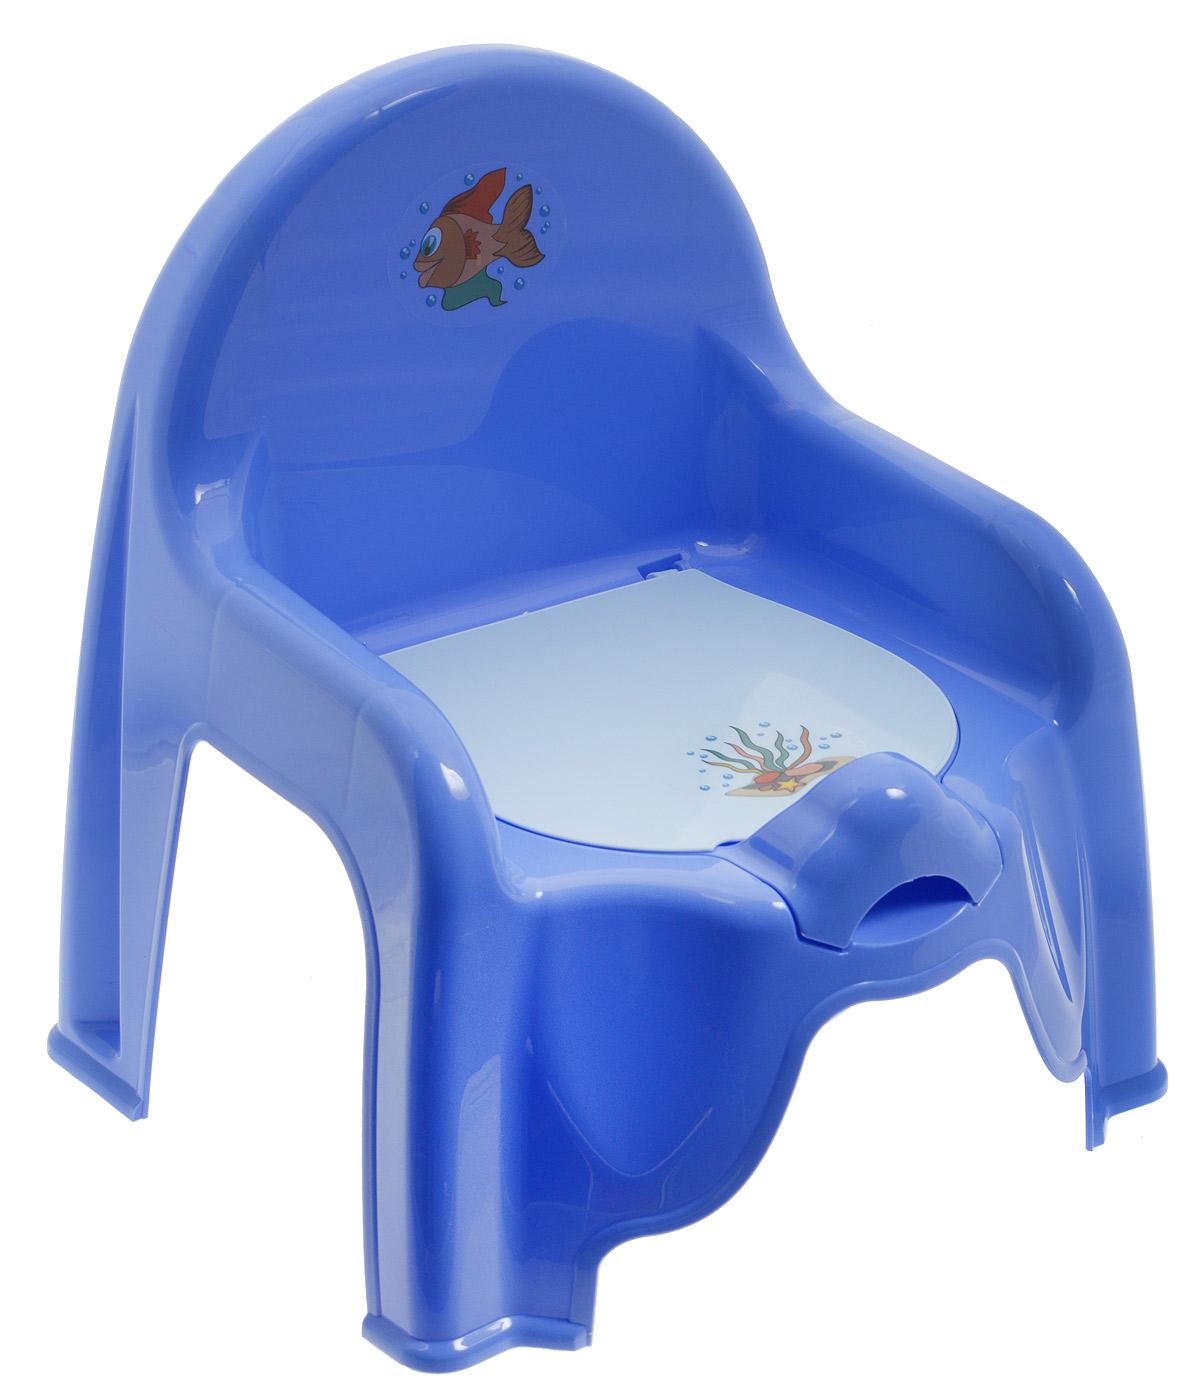 Idea Горшок-стульчик детский с крышкой цвет сиреневый